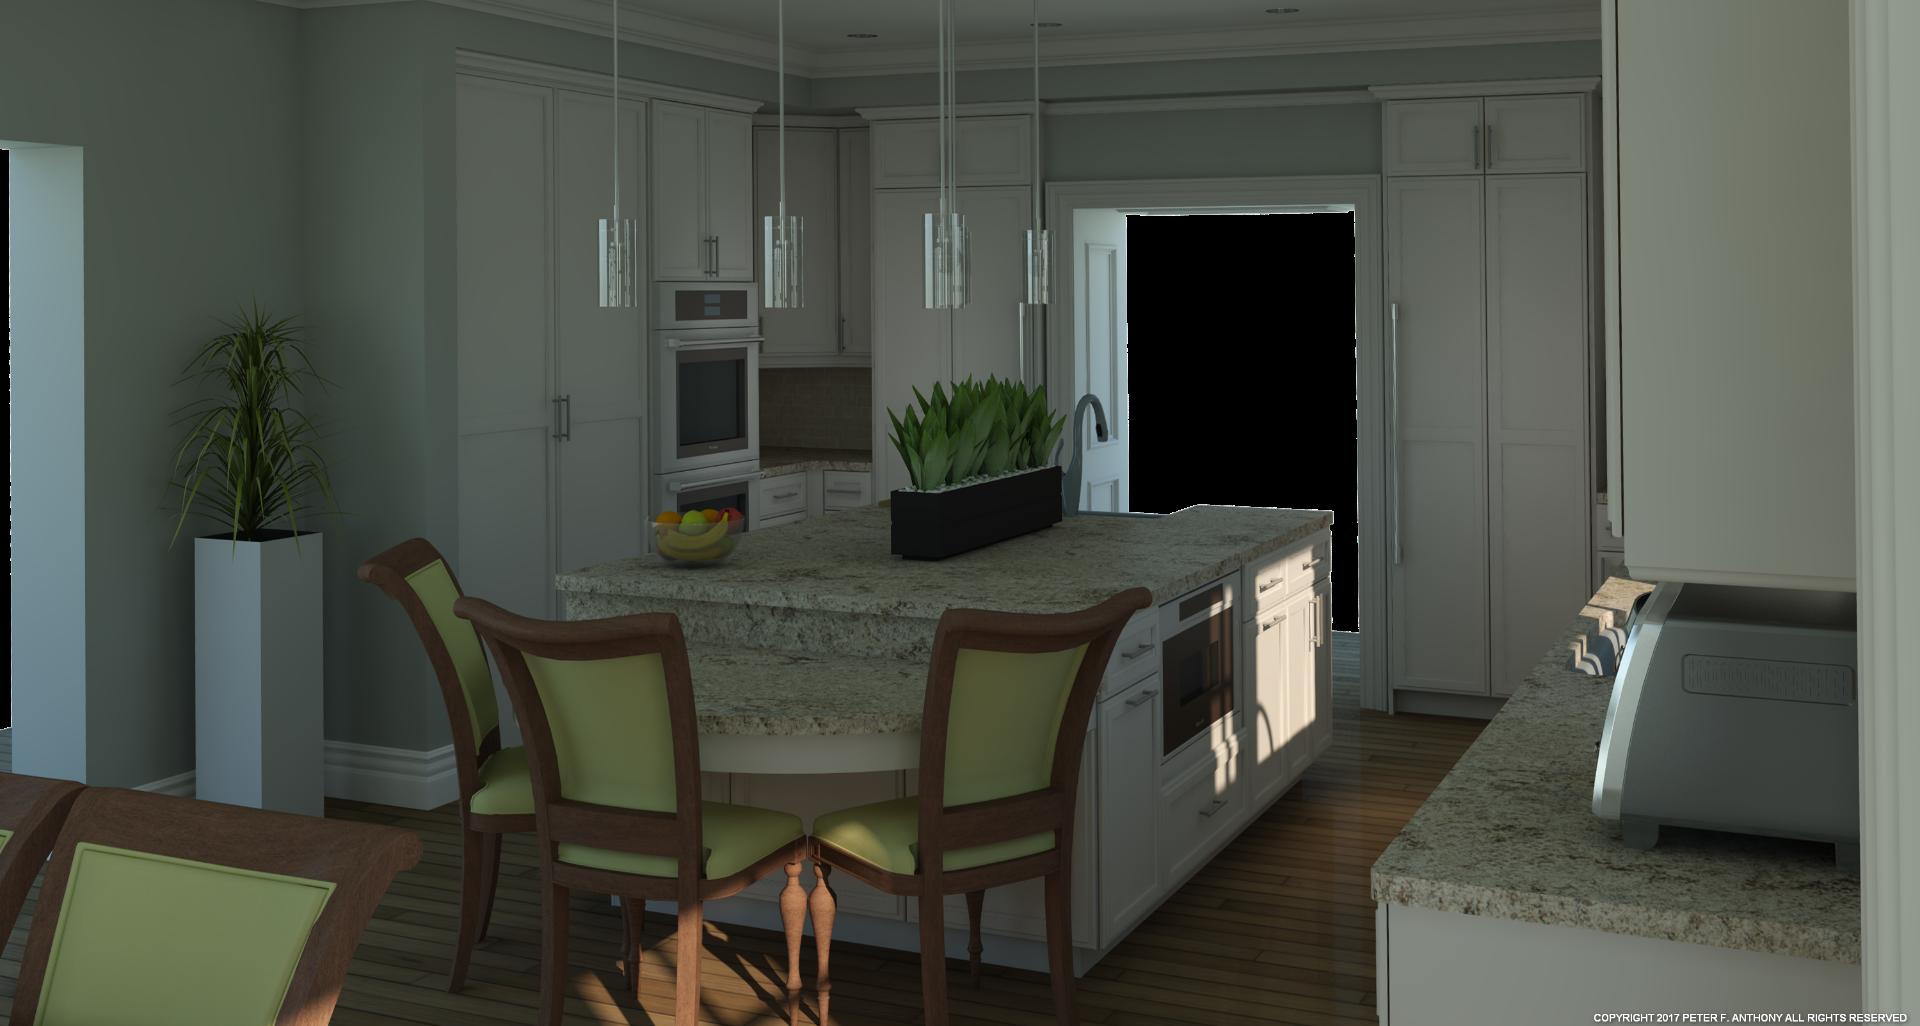 Kitchen-V2 2017-07-11 Image02.png